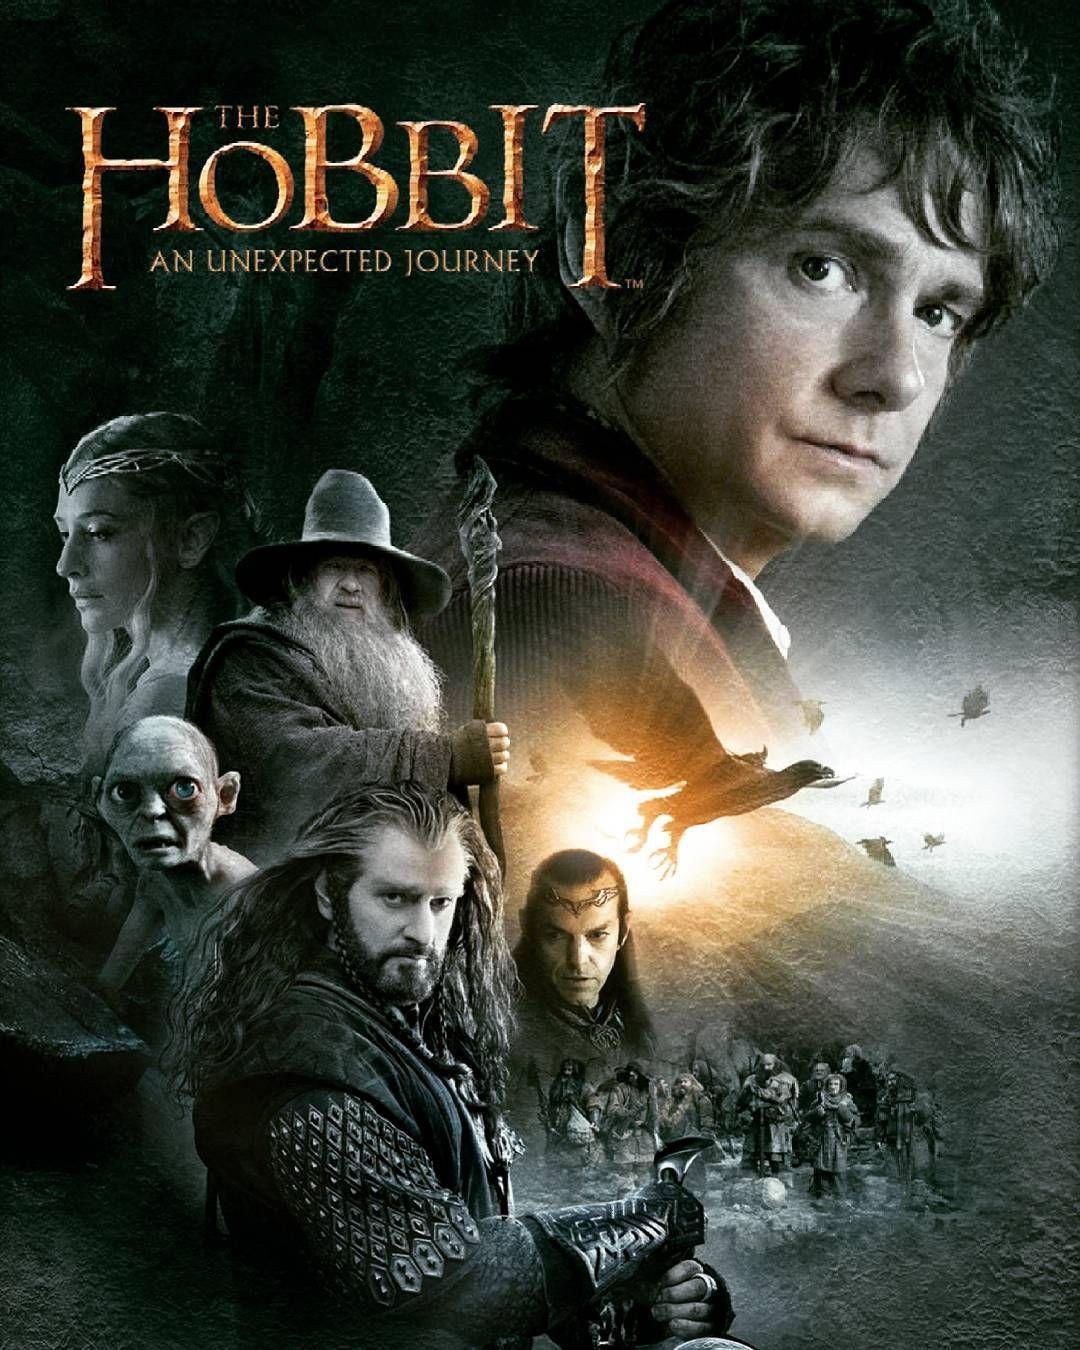 Lukas Von Incher On Instagram La Pelicula De Esta Noche El Hobbit Un Viaje Inesperado Thehobbit Thehobbitanunexp Hobbit Gandalf El Senor De Los Anillos